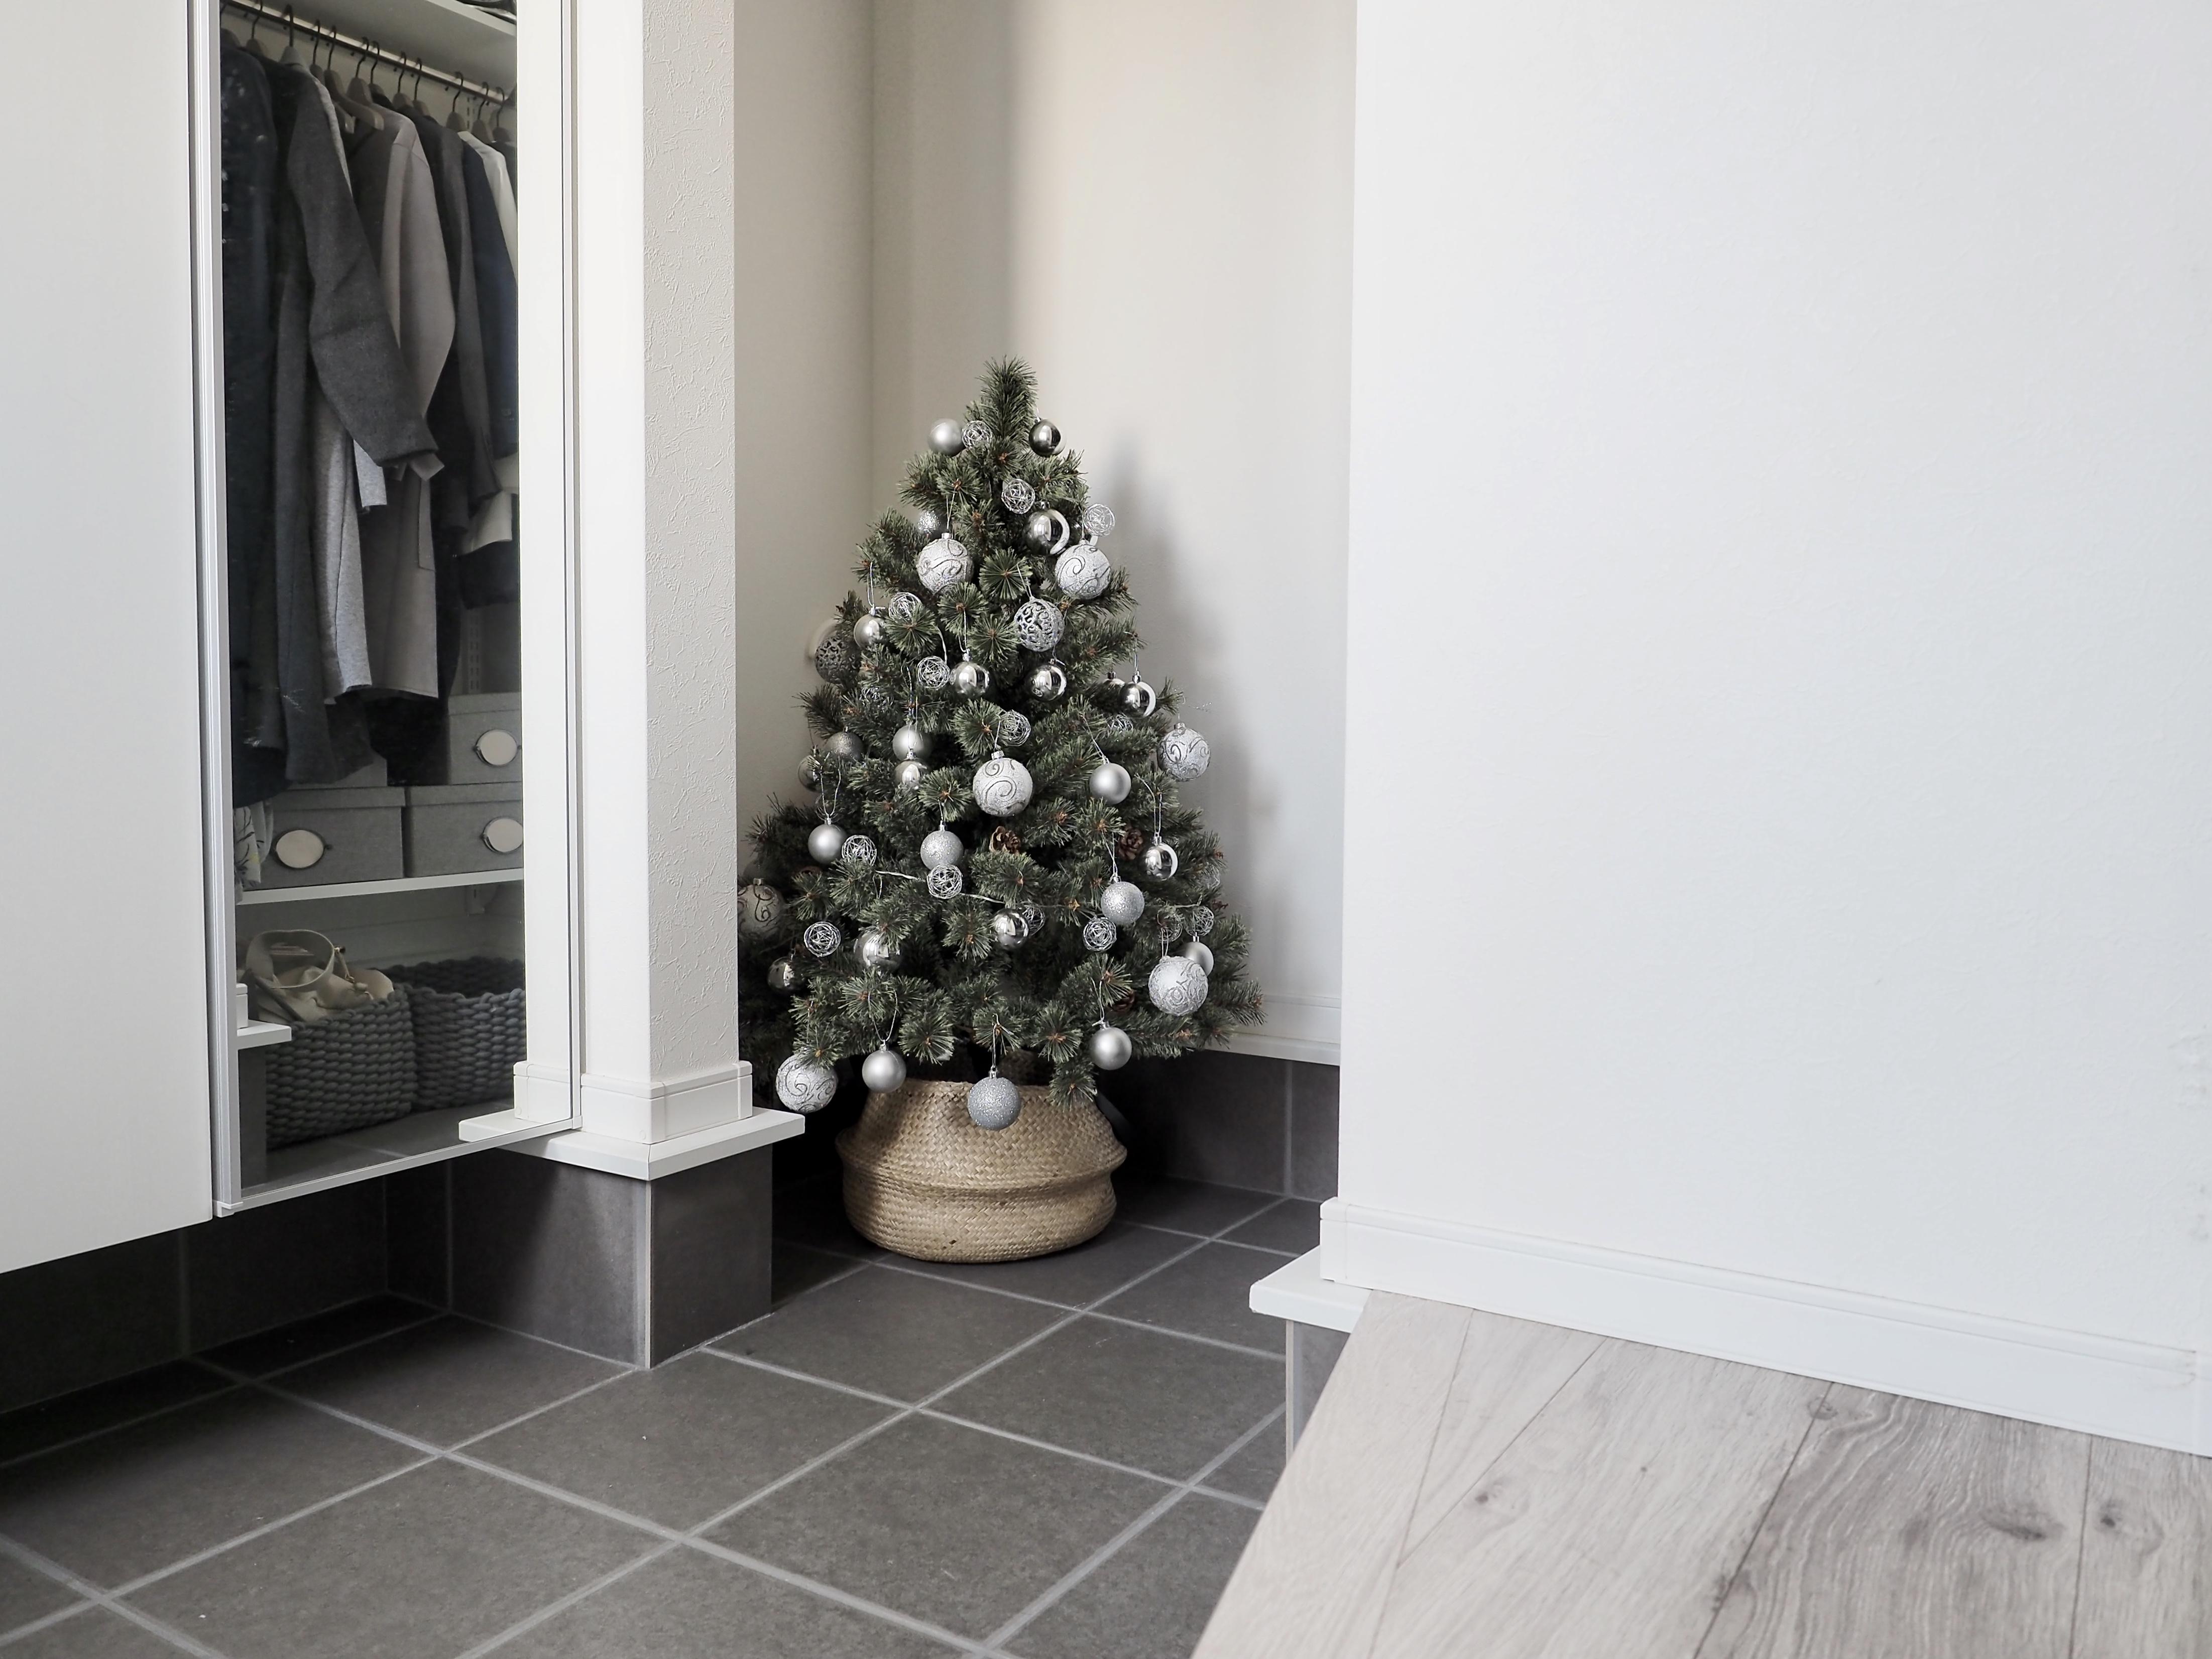 《クリスマスツリー*飾り付け》オーナメントの統一感でおしゃれ感アップ!